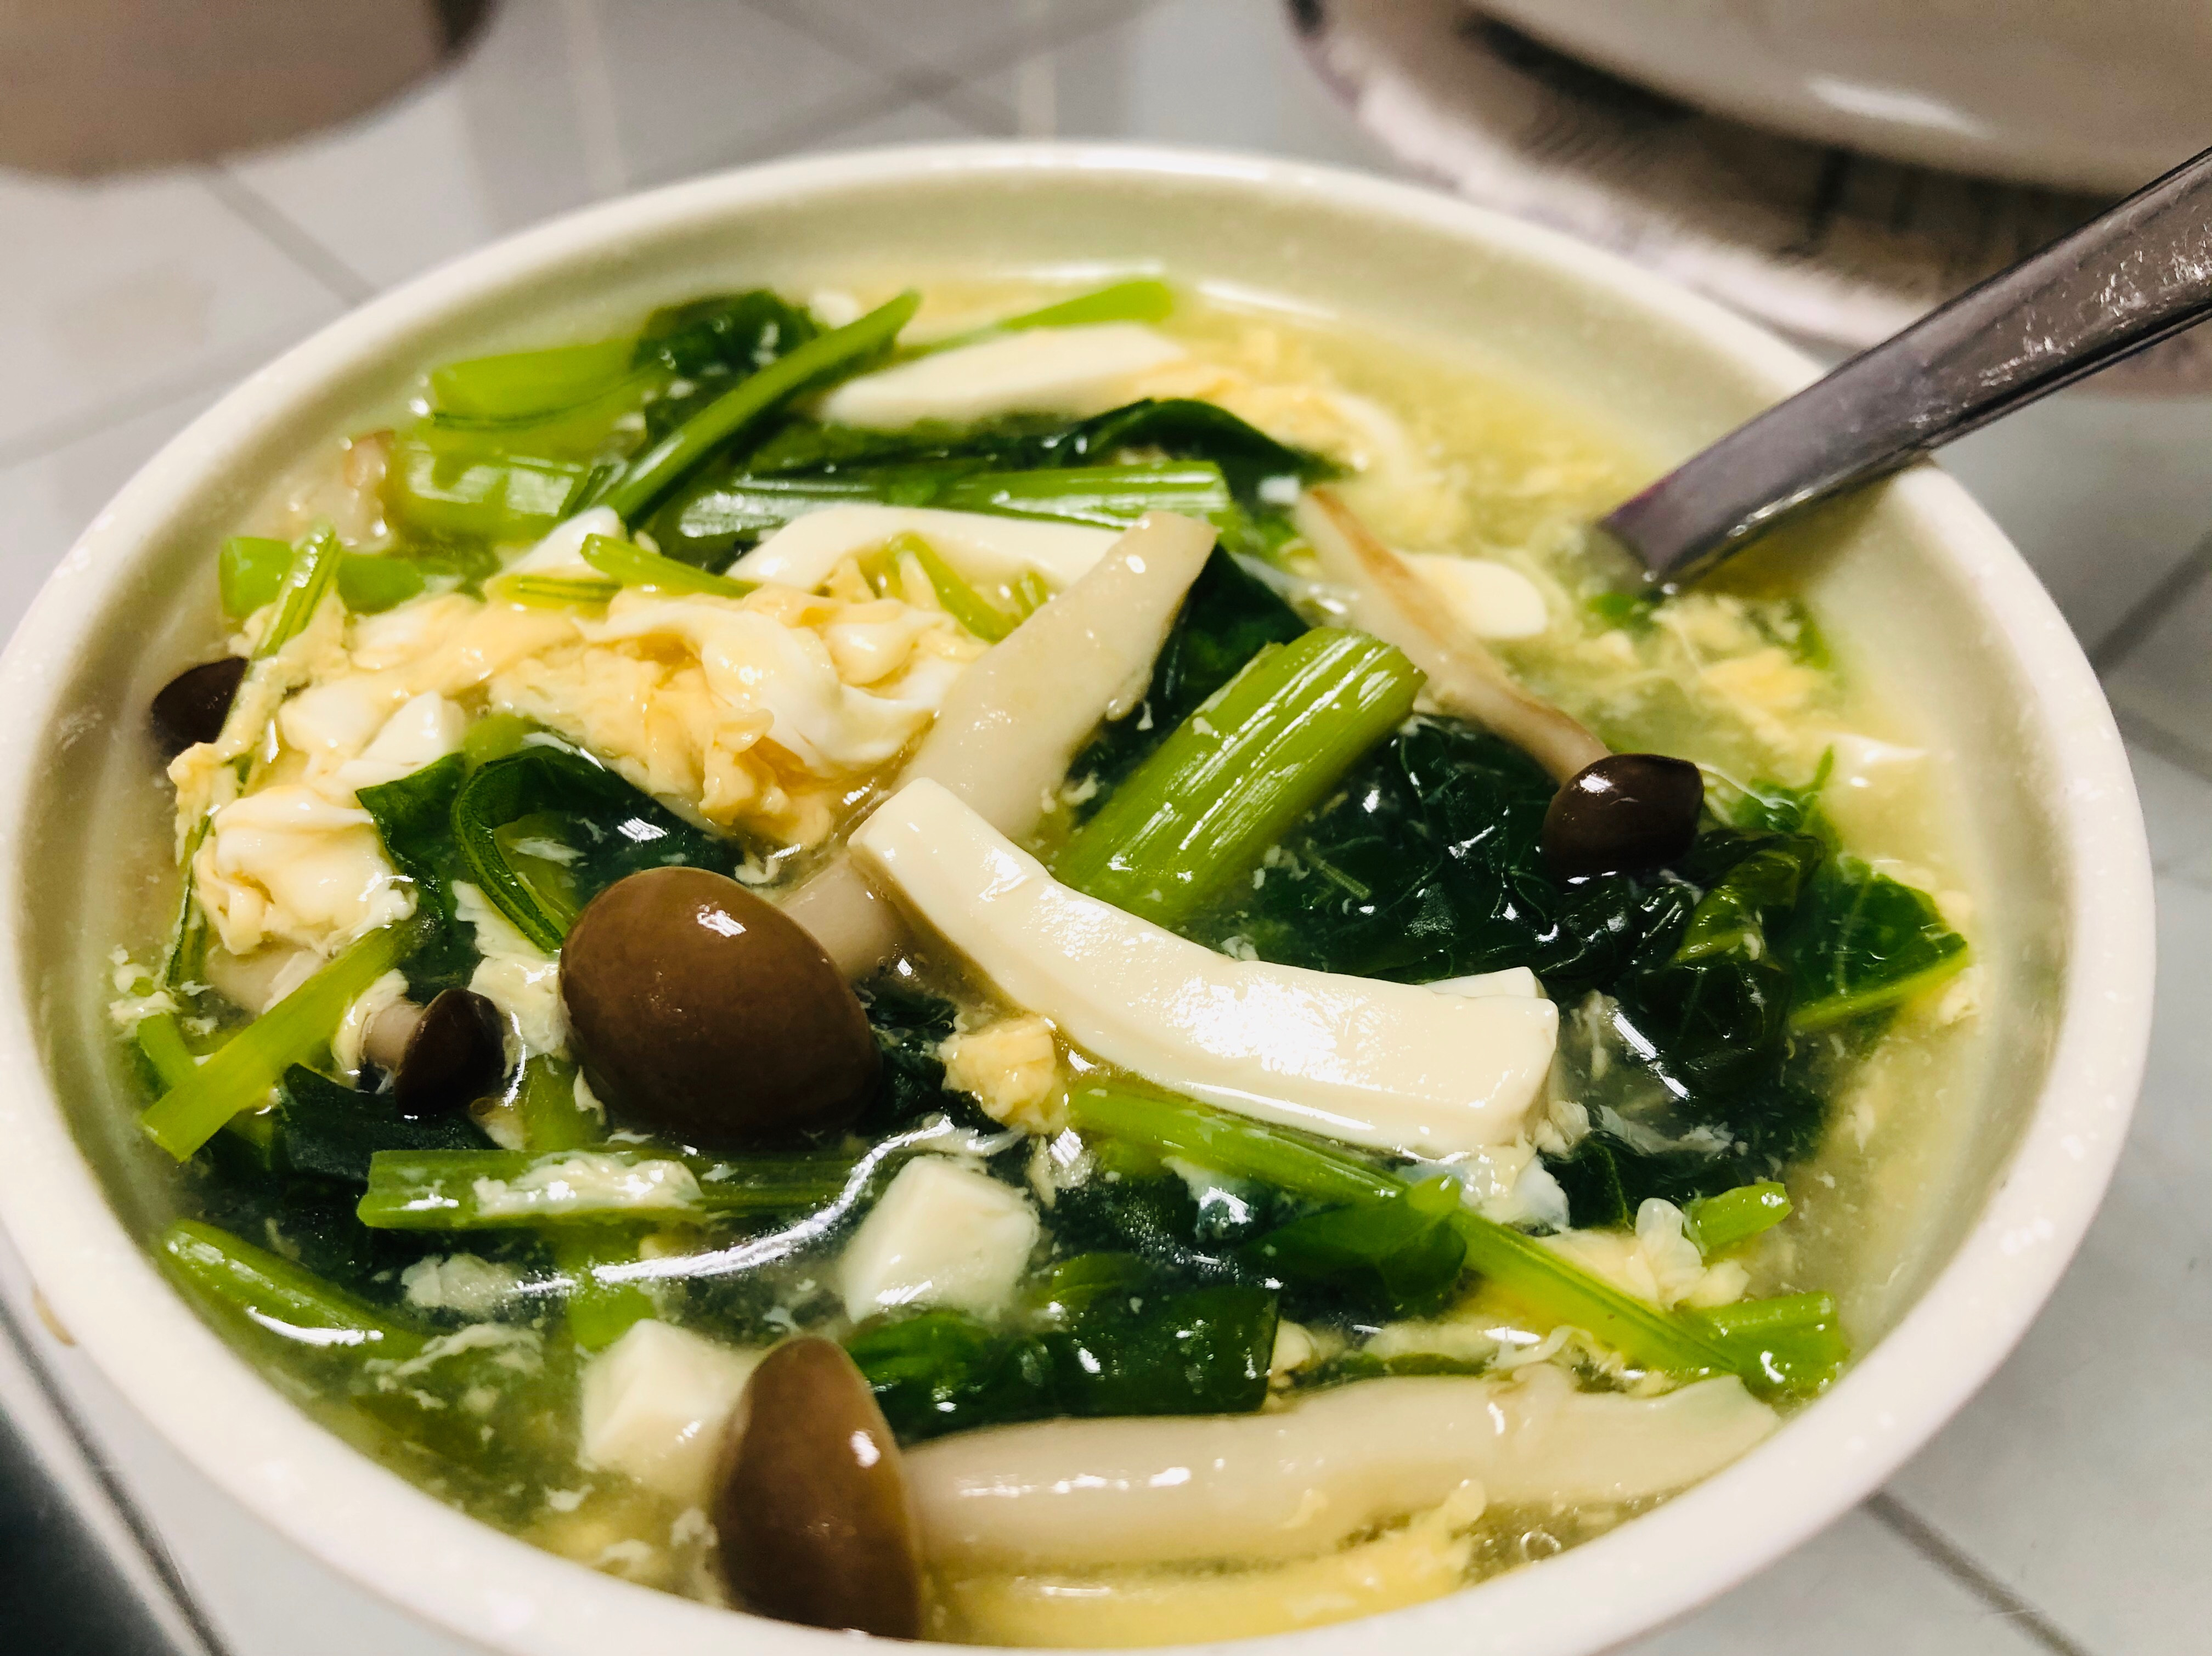 鴻喜菇莧菜豆腐蛋花羹/康寶自然鮮嫩雞風味